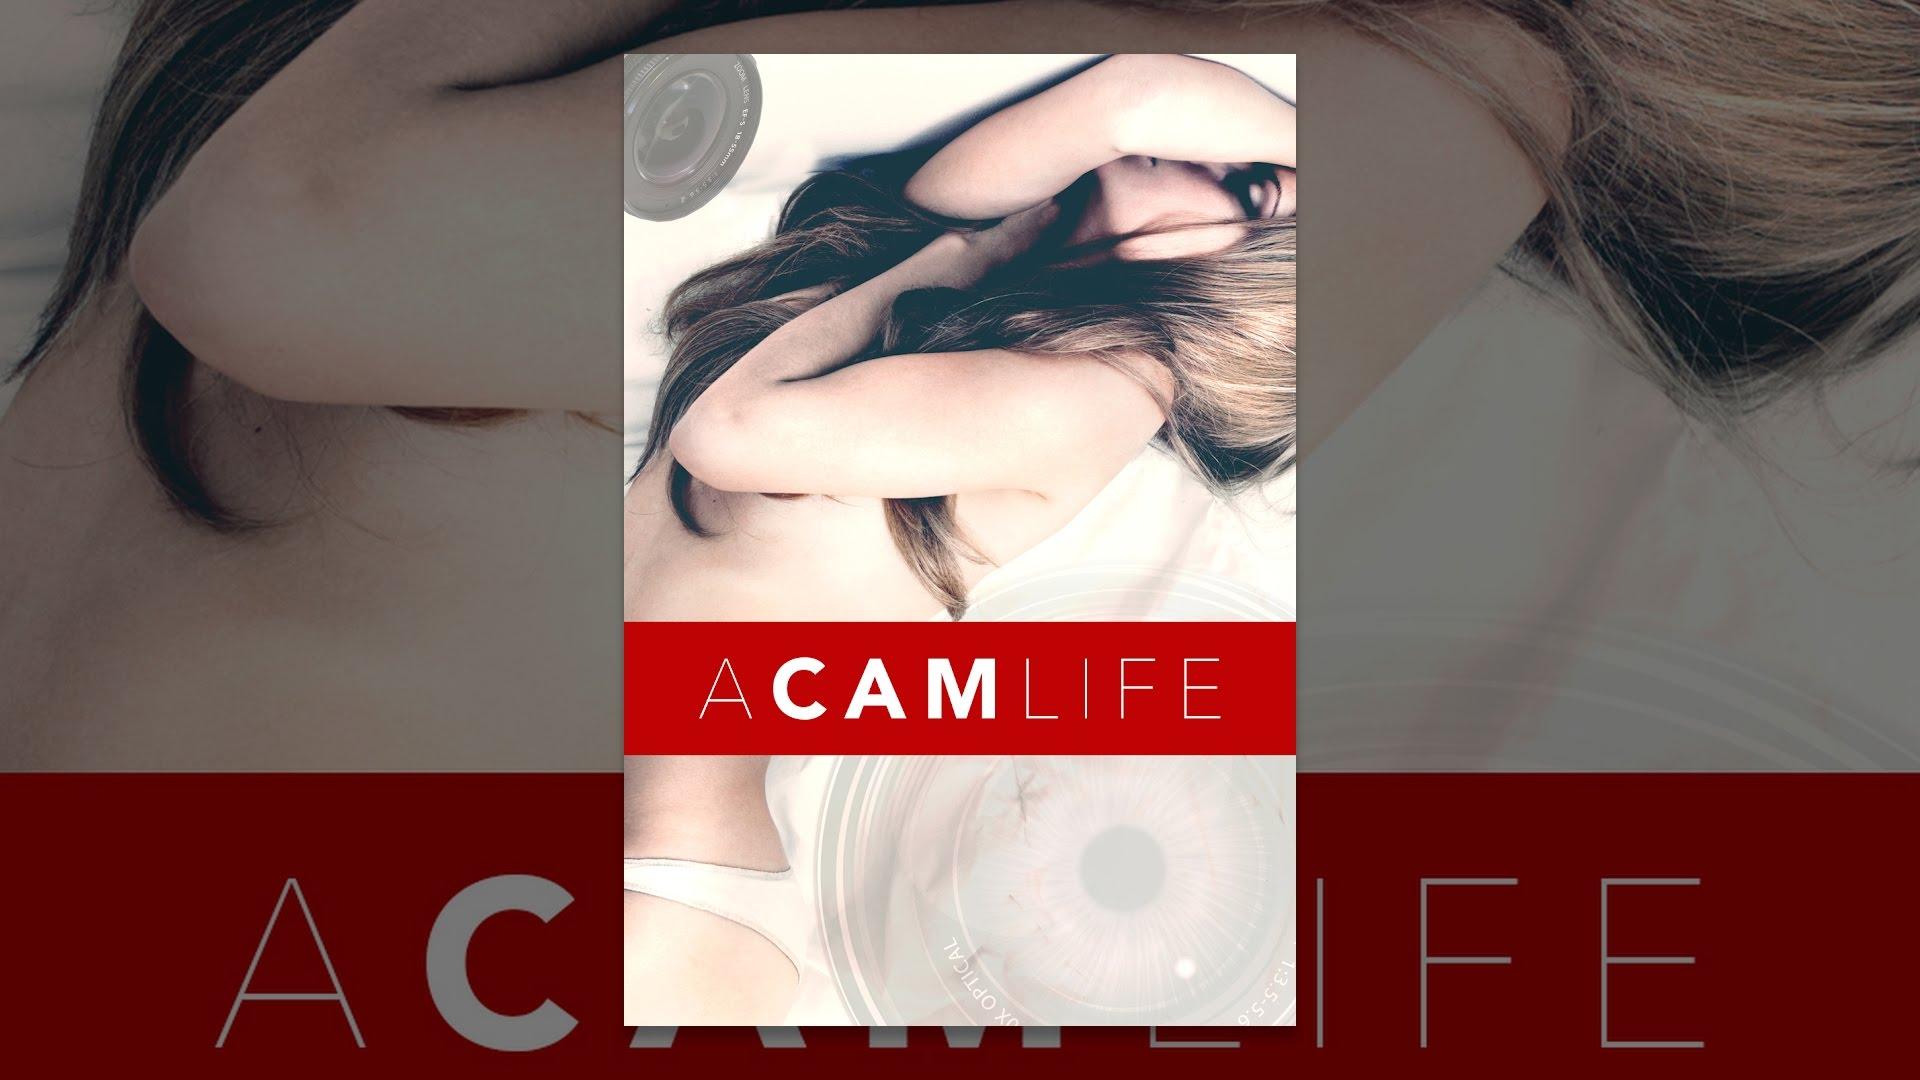 [VIDEO] - A Cam Life 1